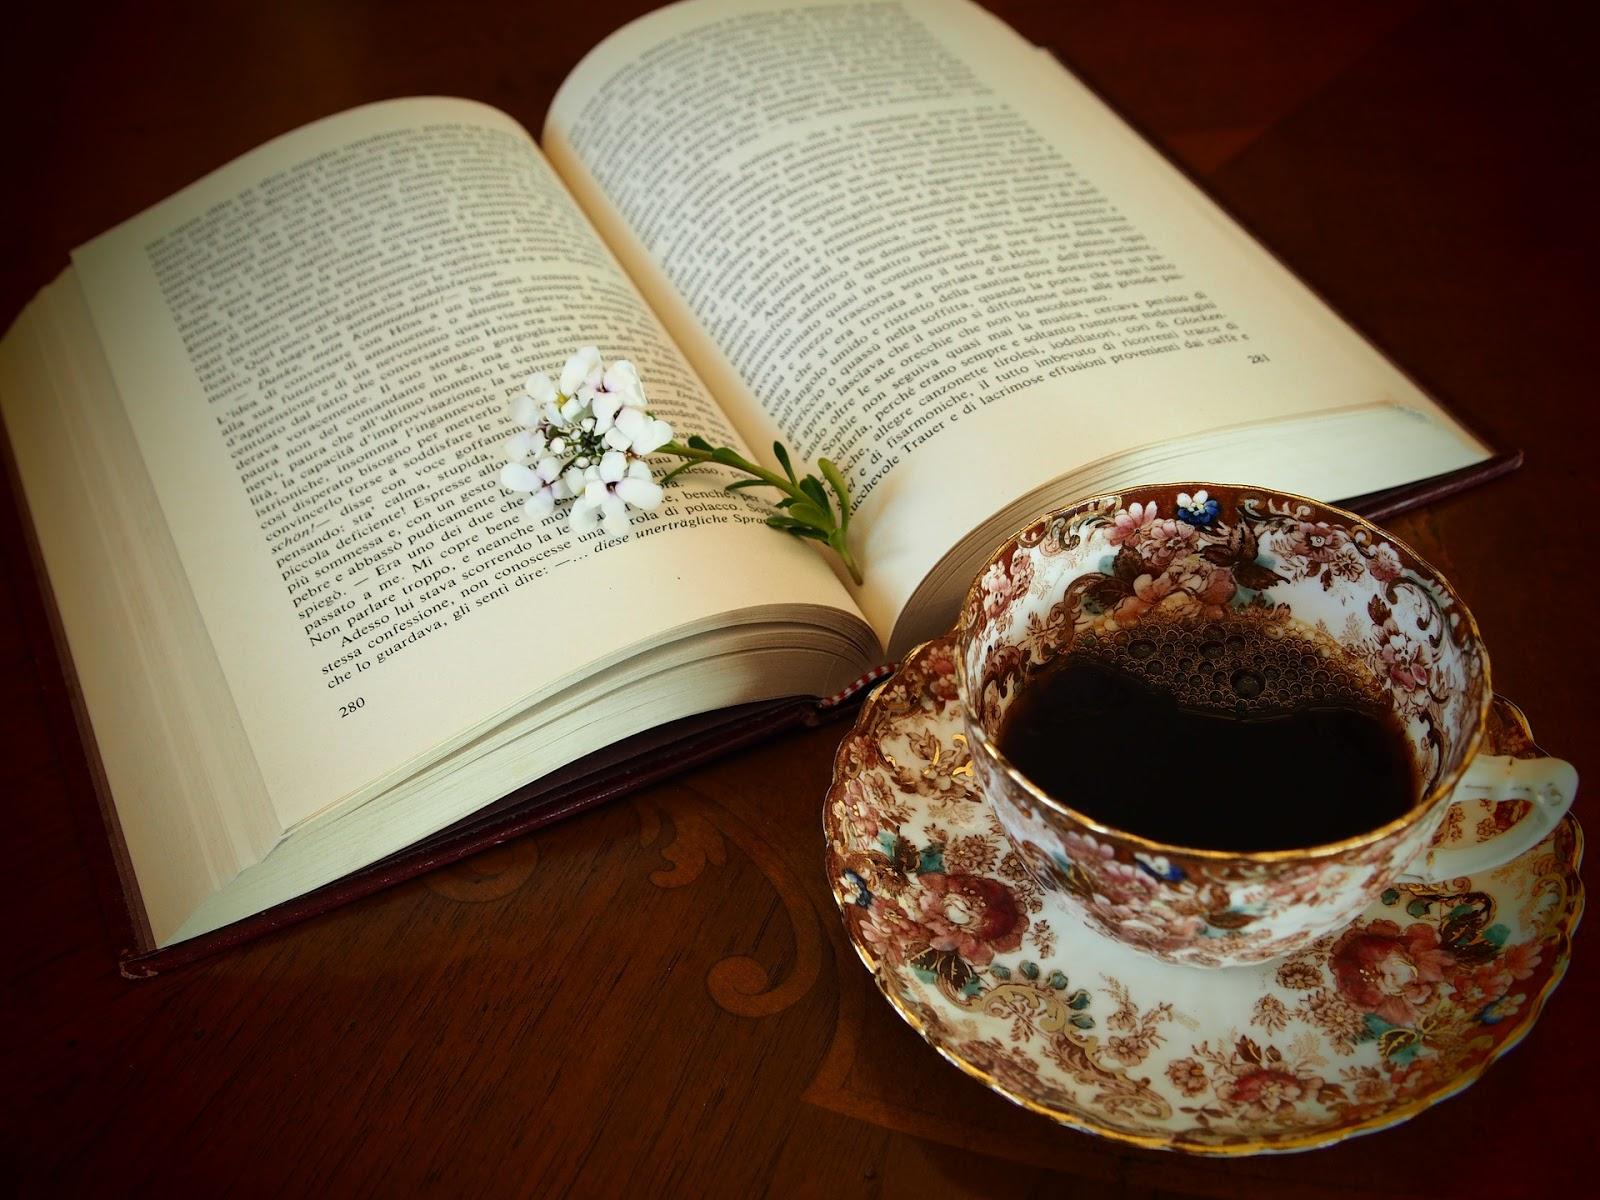 b35fe0dc825ed1 ... do czasu przedstawiam na łamach bloga książki psychologiczne, do  których warto zajrzeć celem poszerzenia swojej wiedzy i nabycia nowych  umiejętności.